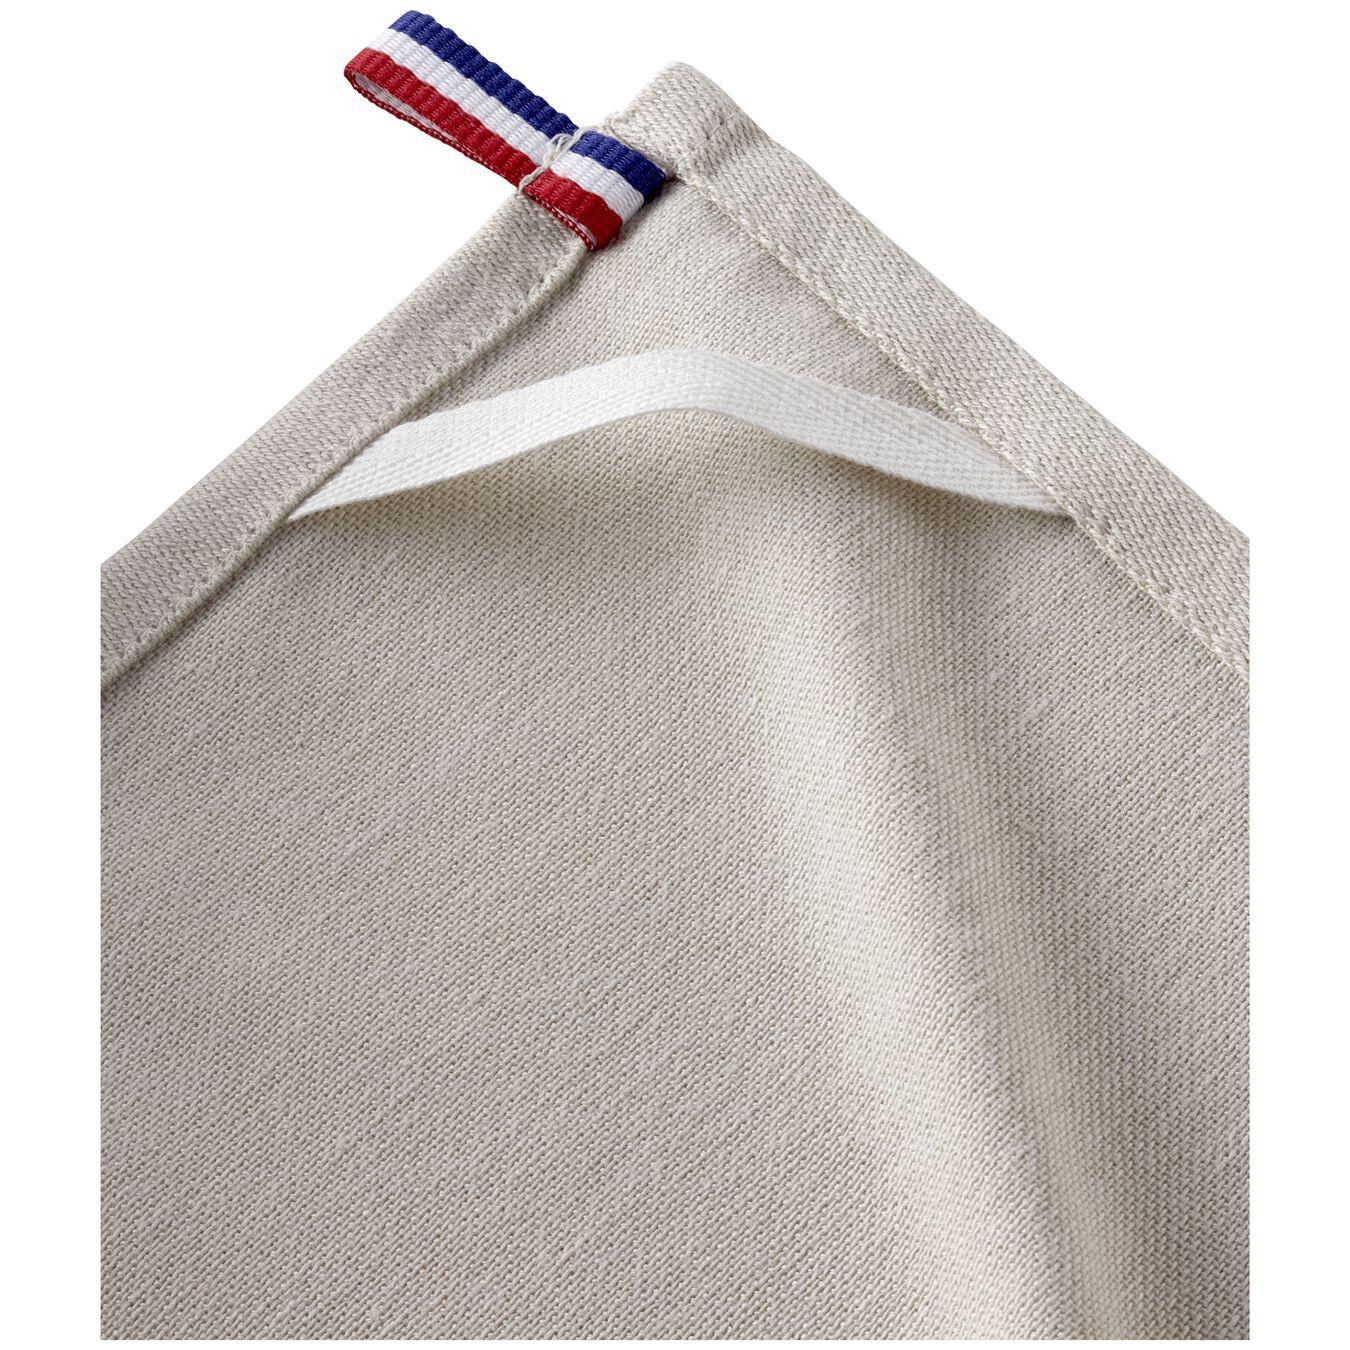 70 cm x 50 cm Cotton Kitchen towel, Grey,,large 3